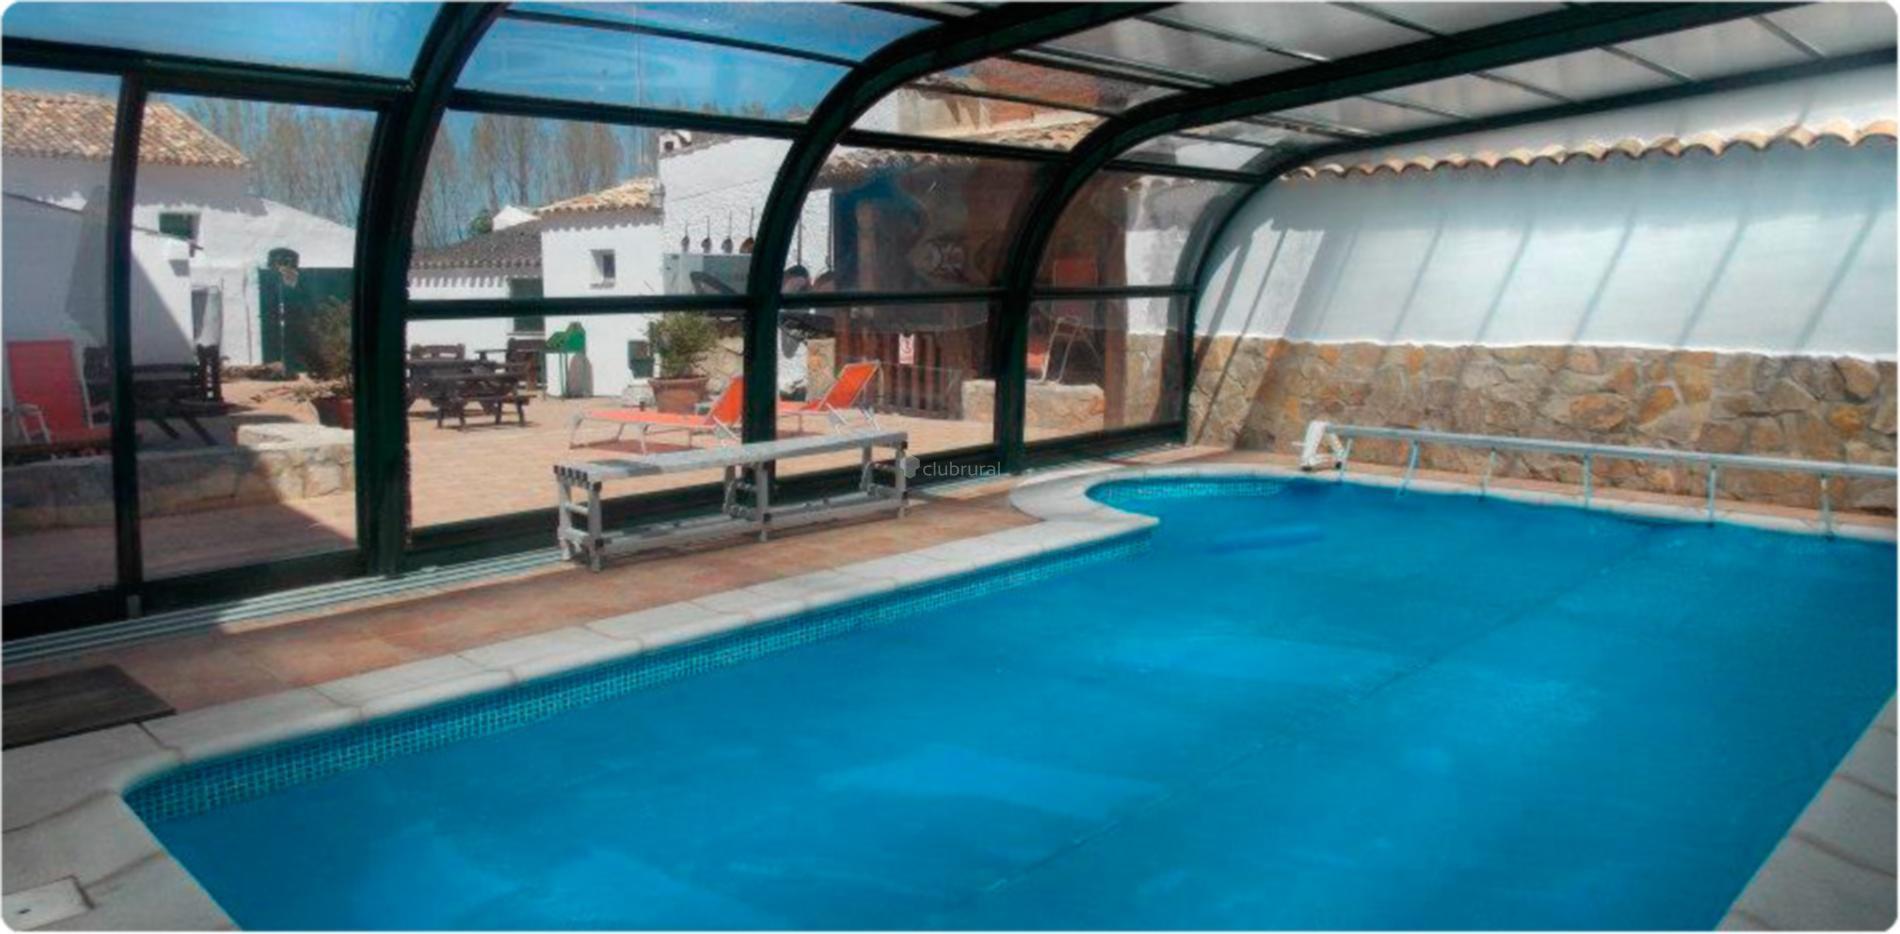 Casas rurales con piscina climatizada clubrural tattoo for Piscina climatizada